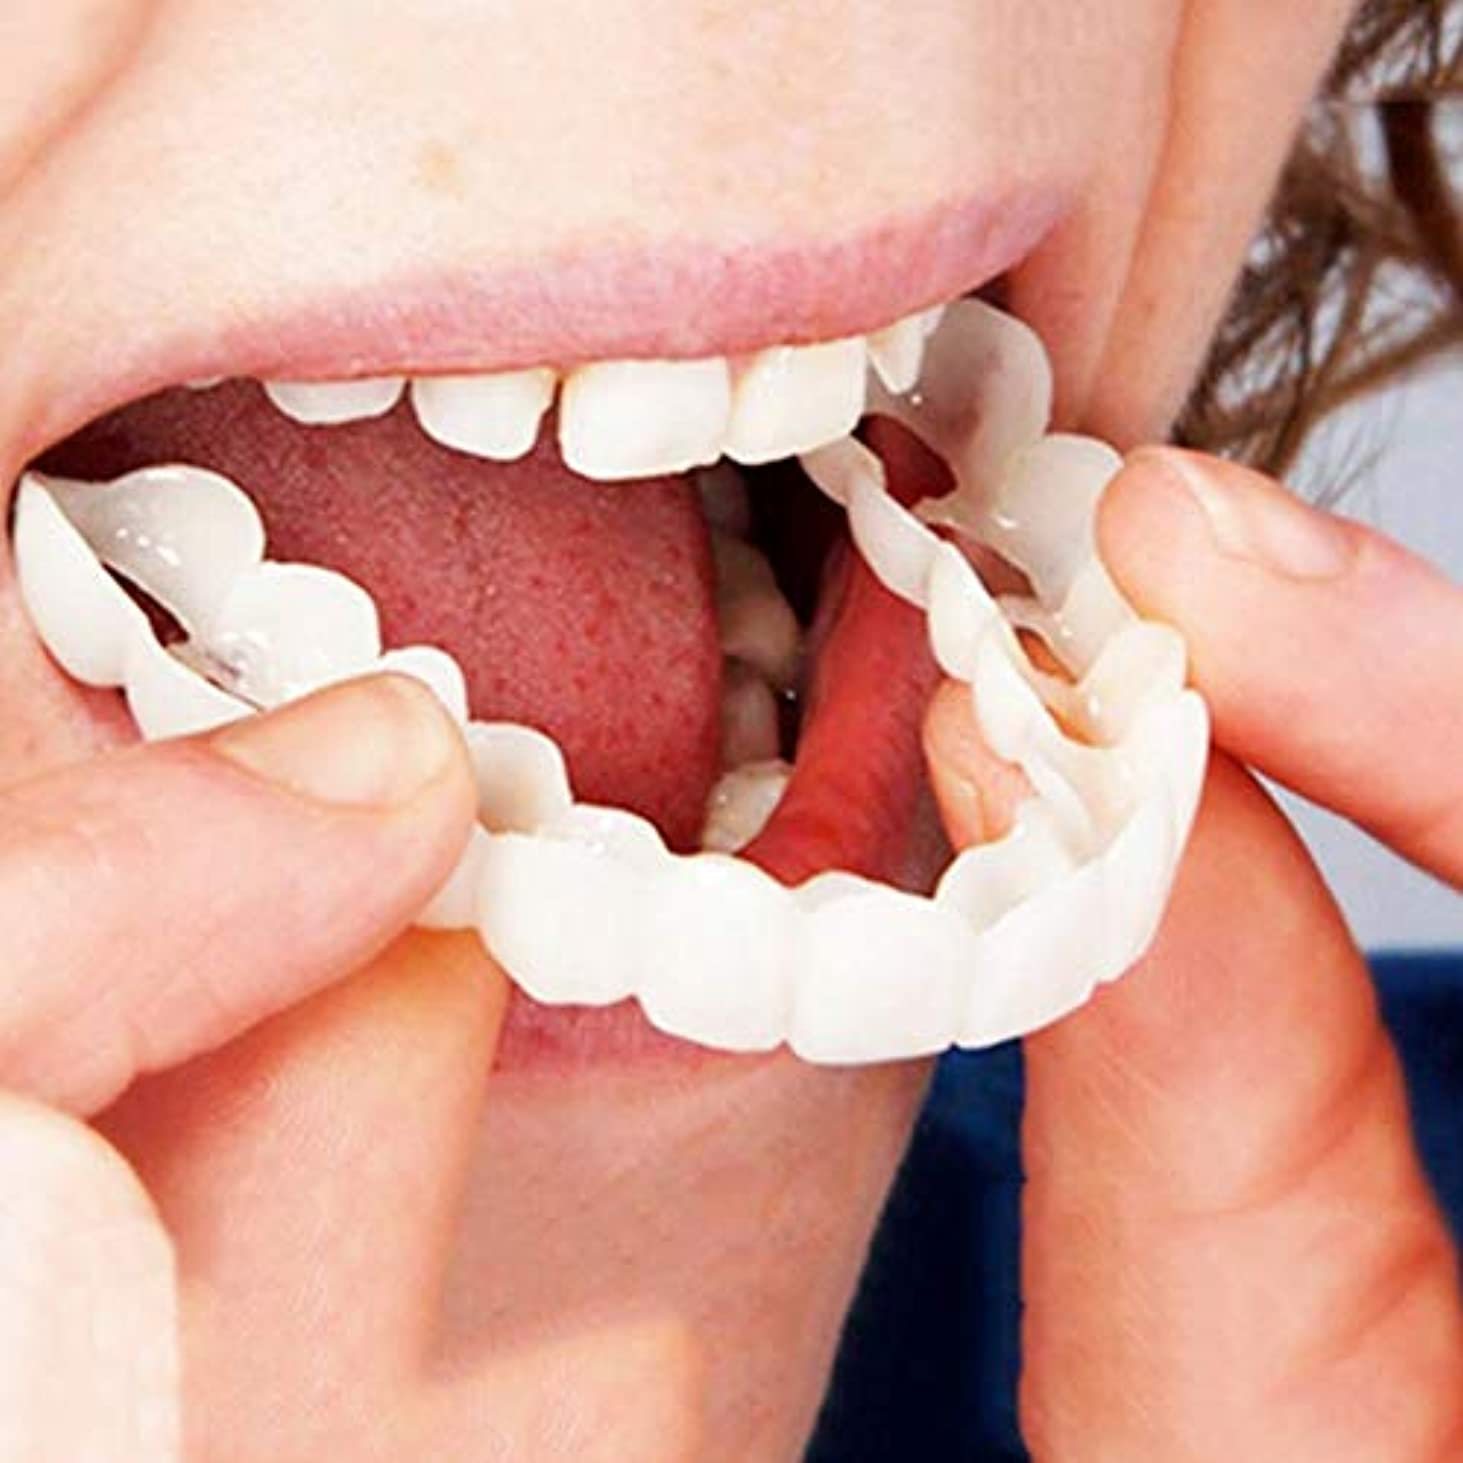 バー講堂肉屋TerGOOSE 歯 矯正 矯正器 歯を白く 矯正用リテーナー 完璧な笑顔 快適な 歯列矯正 歯並び 噛み合わせ 歯リテイナー 歯ぎしり いびき防止 多機能 健康管理ツール 歯の損傷を防ぐ 有効 (下+上)